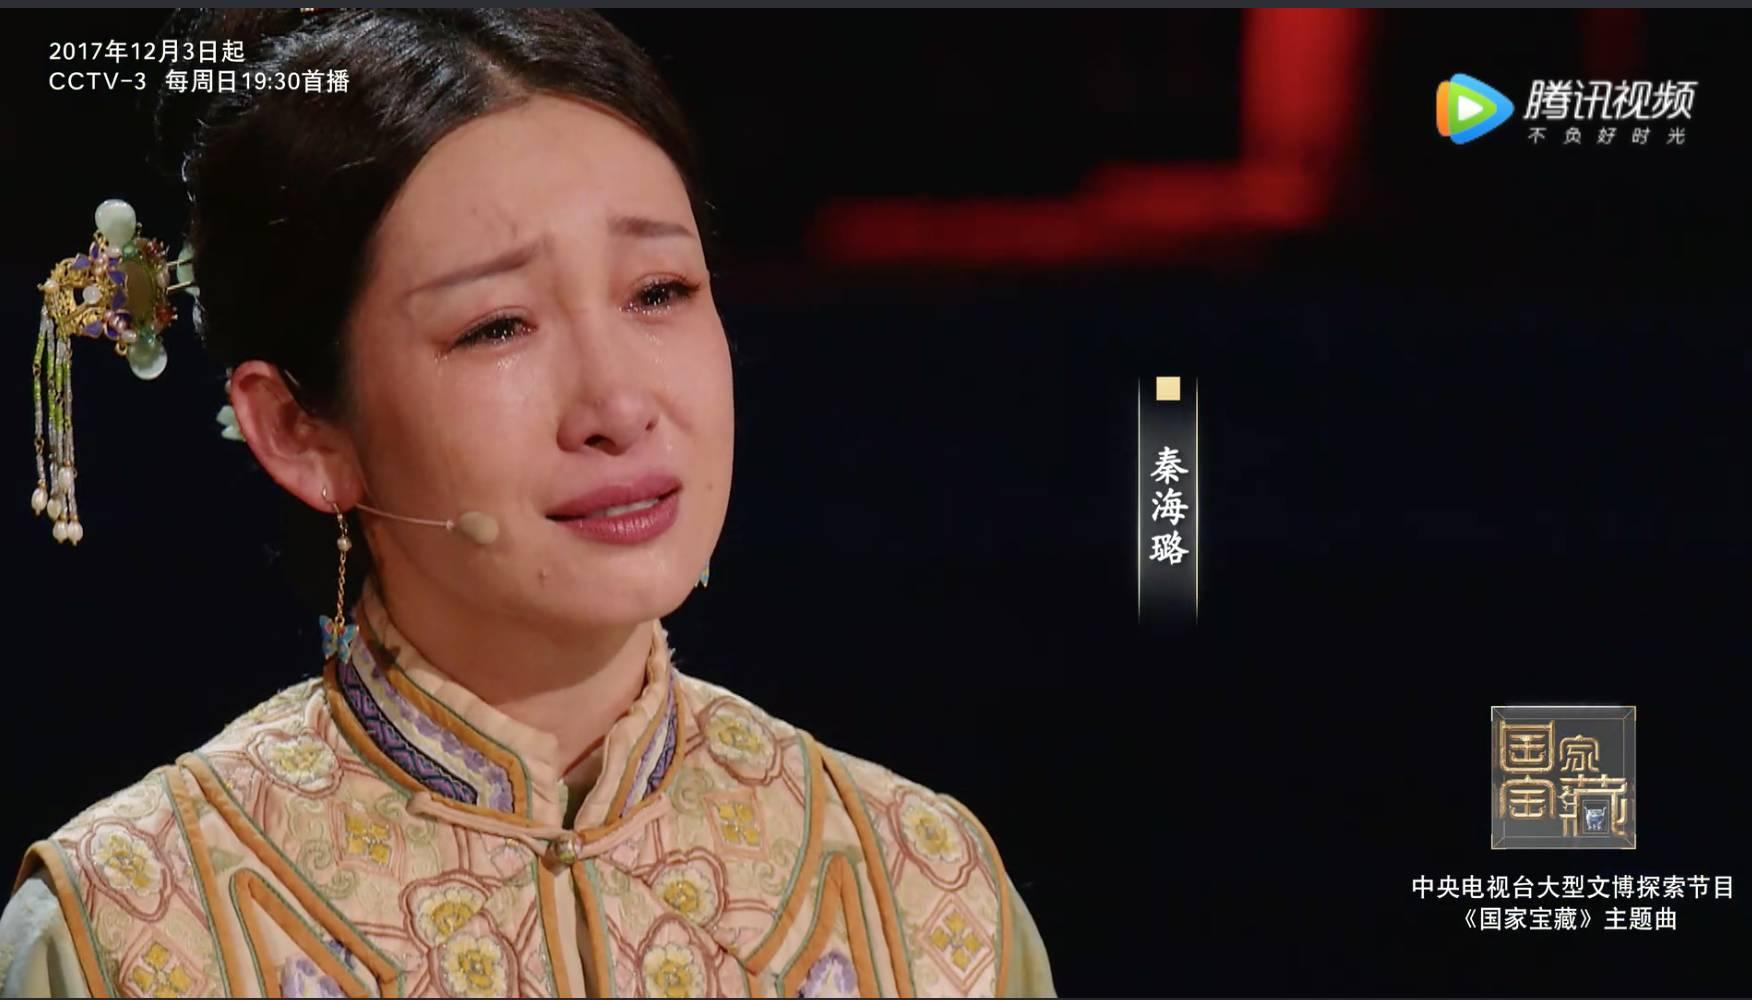 秀外慧中的大陸演員秦海璐也擔任國寶的護寶人。